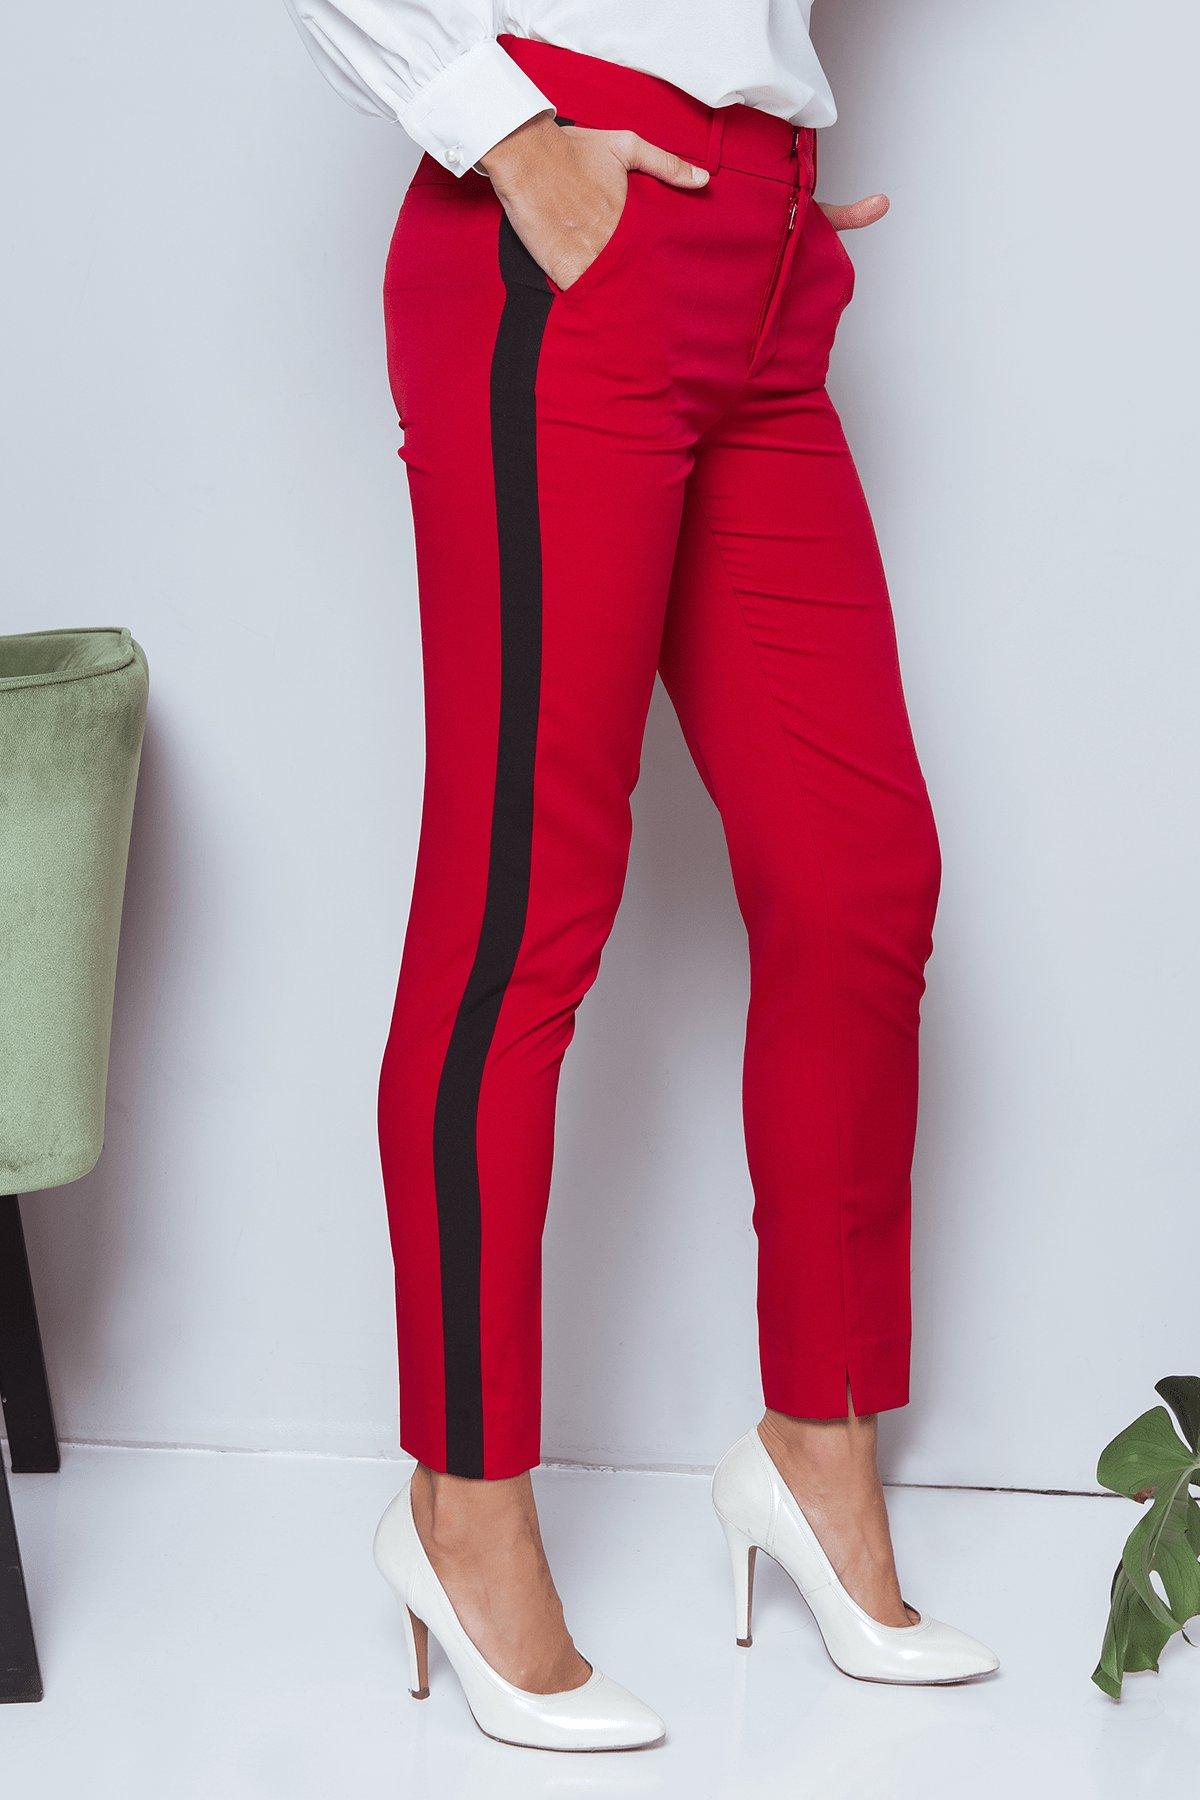 Брюки Макеба 3247 АРТ. 16723 Цвет: Красный/черный - фото 1, интернет магазин tm-modus.ru